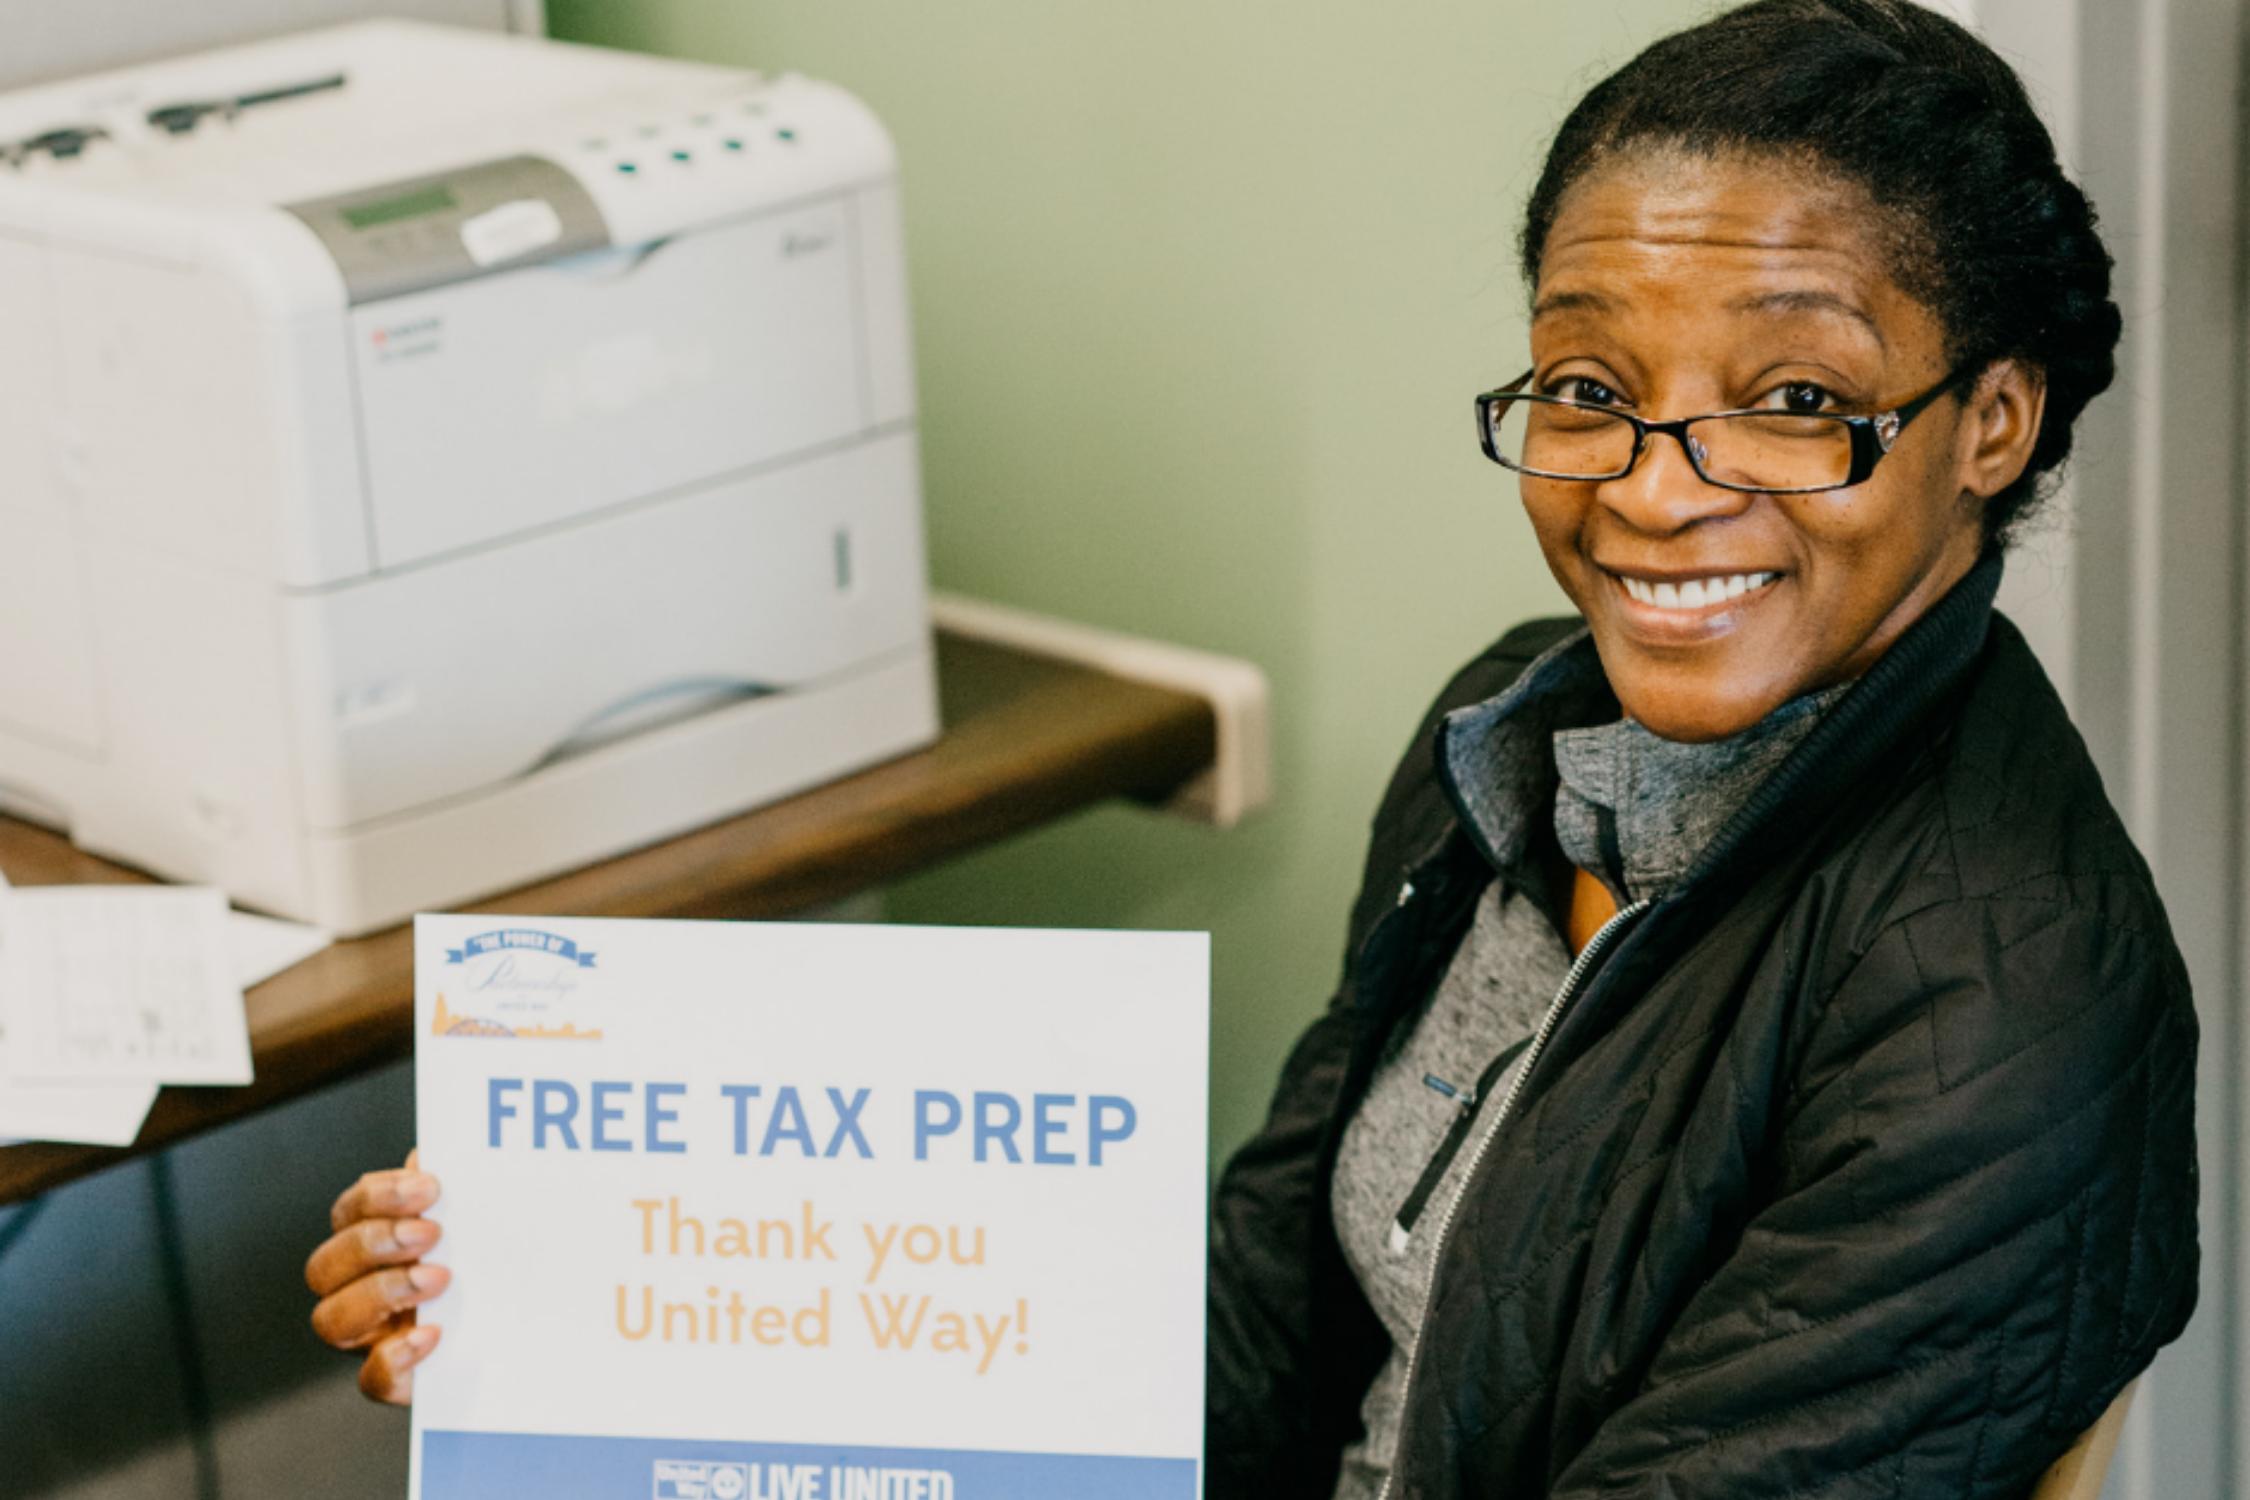 united way free tax prep nashville tn